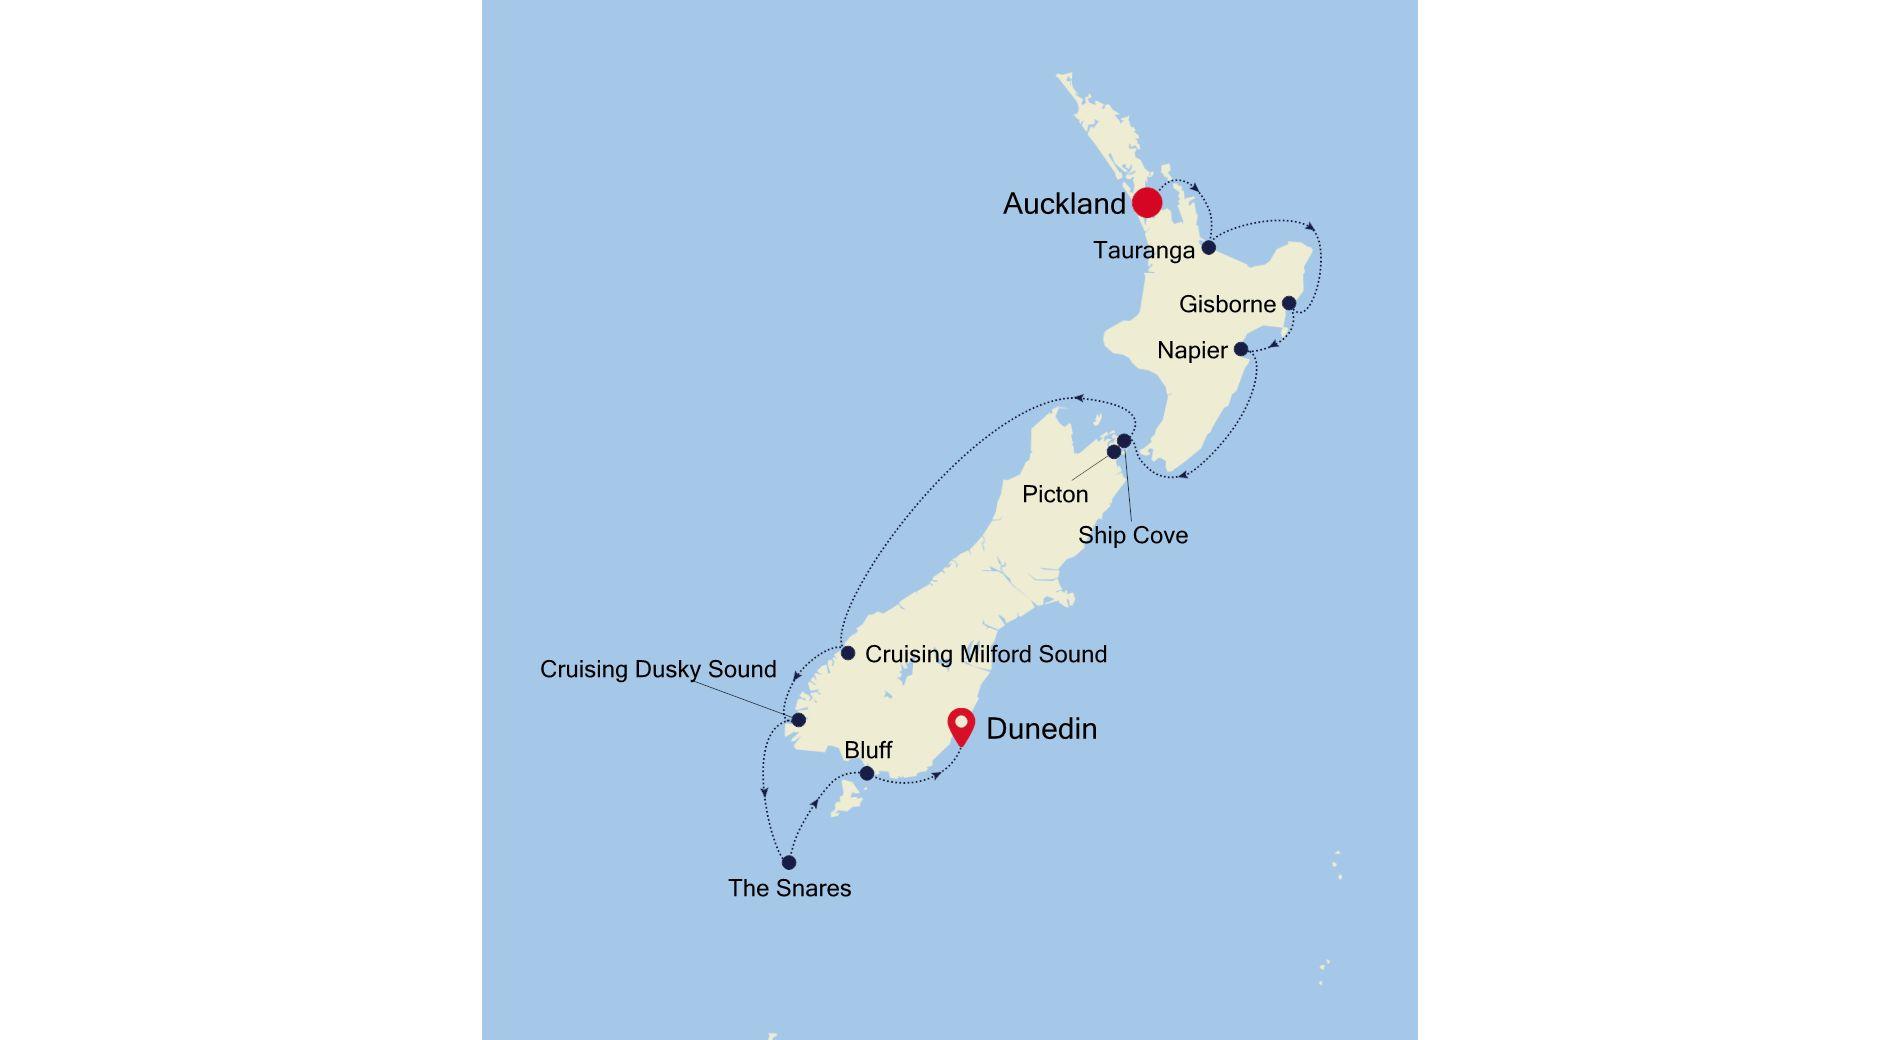 E1201211010 - Auckland to Dunedin